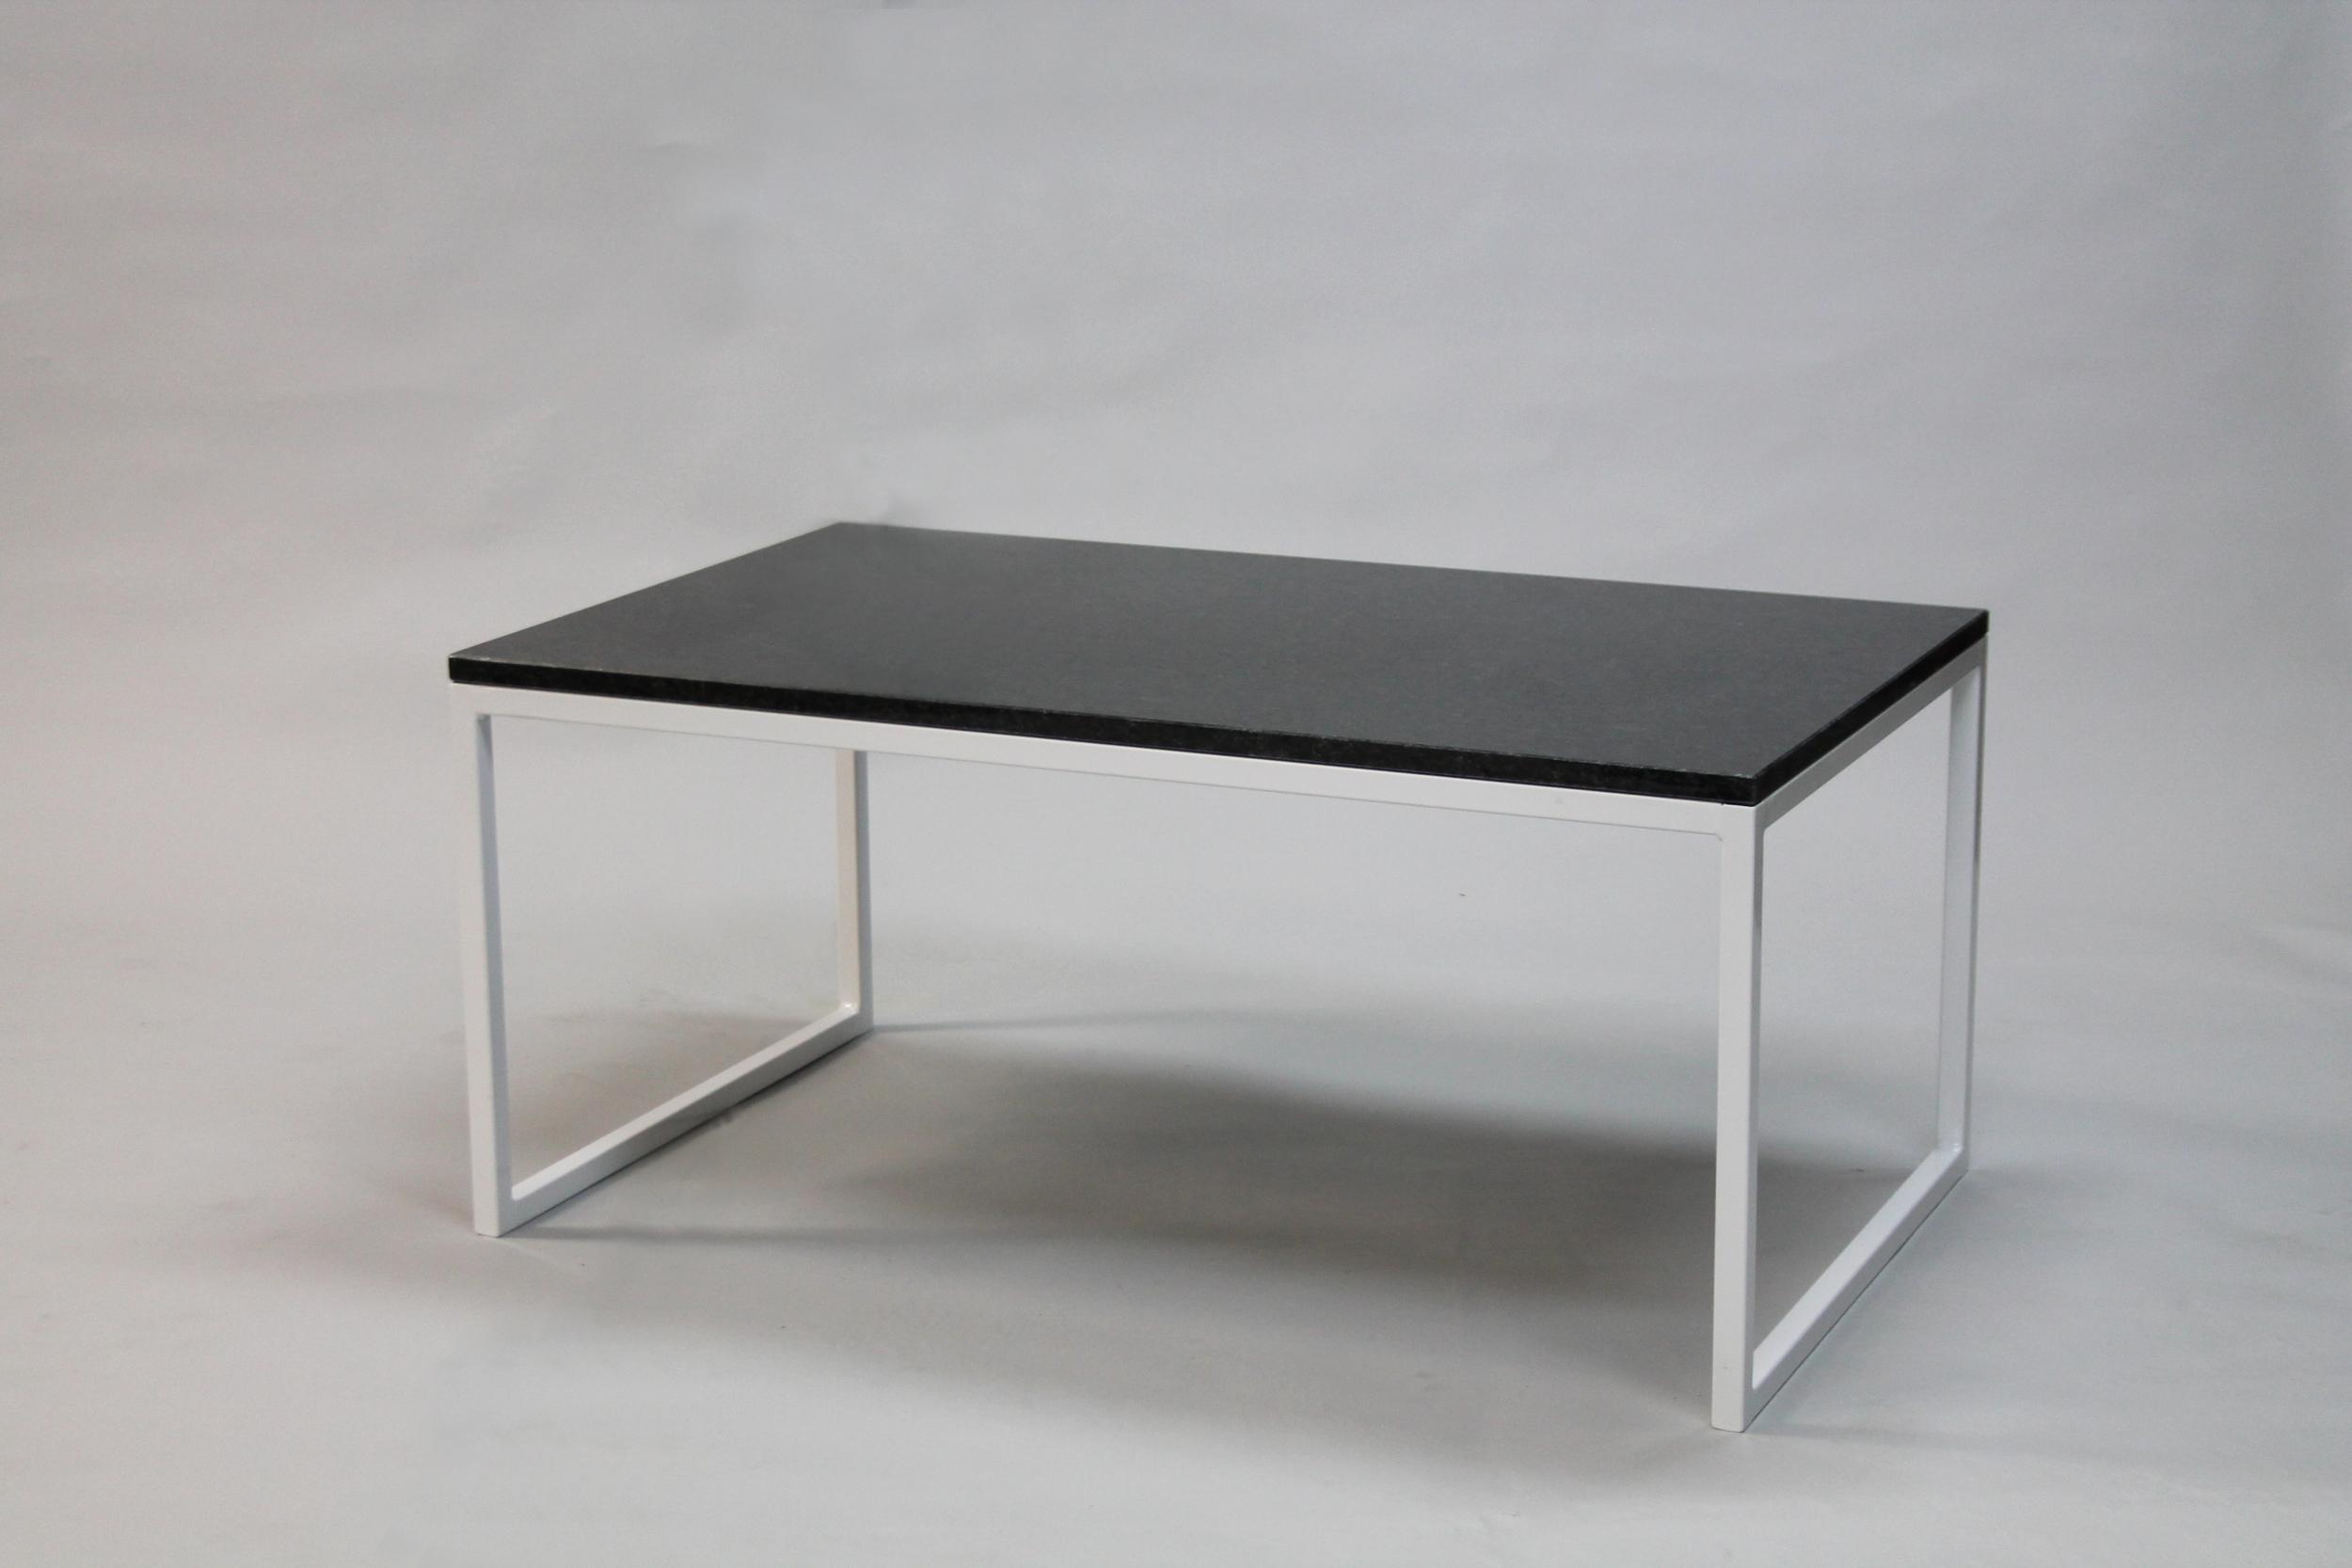 Granitbord - 120x60 x  45  cm, vitt underrede halvkub   SLUT!